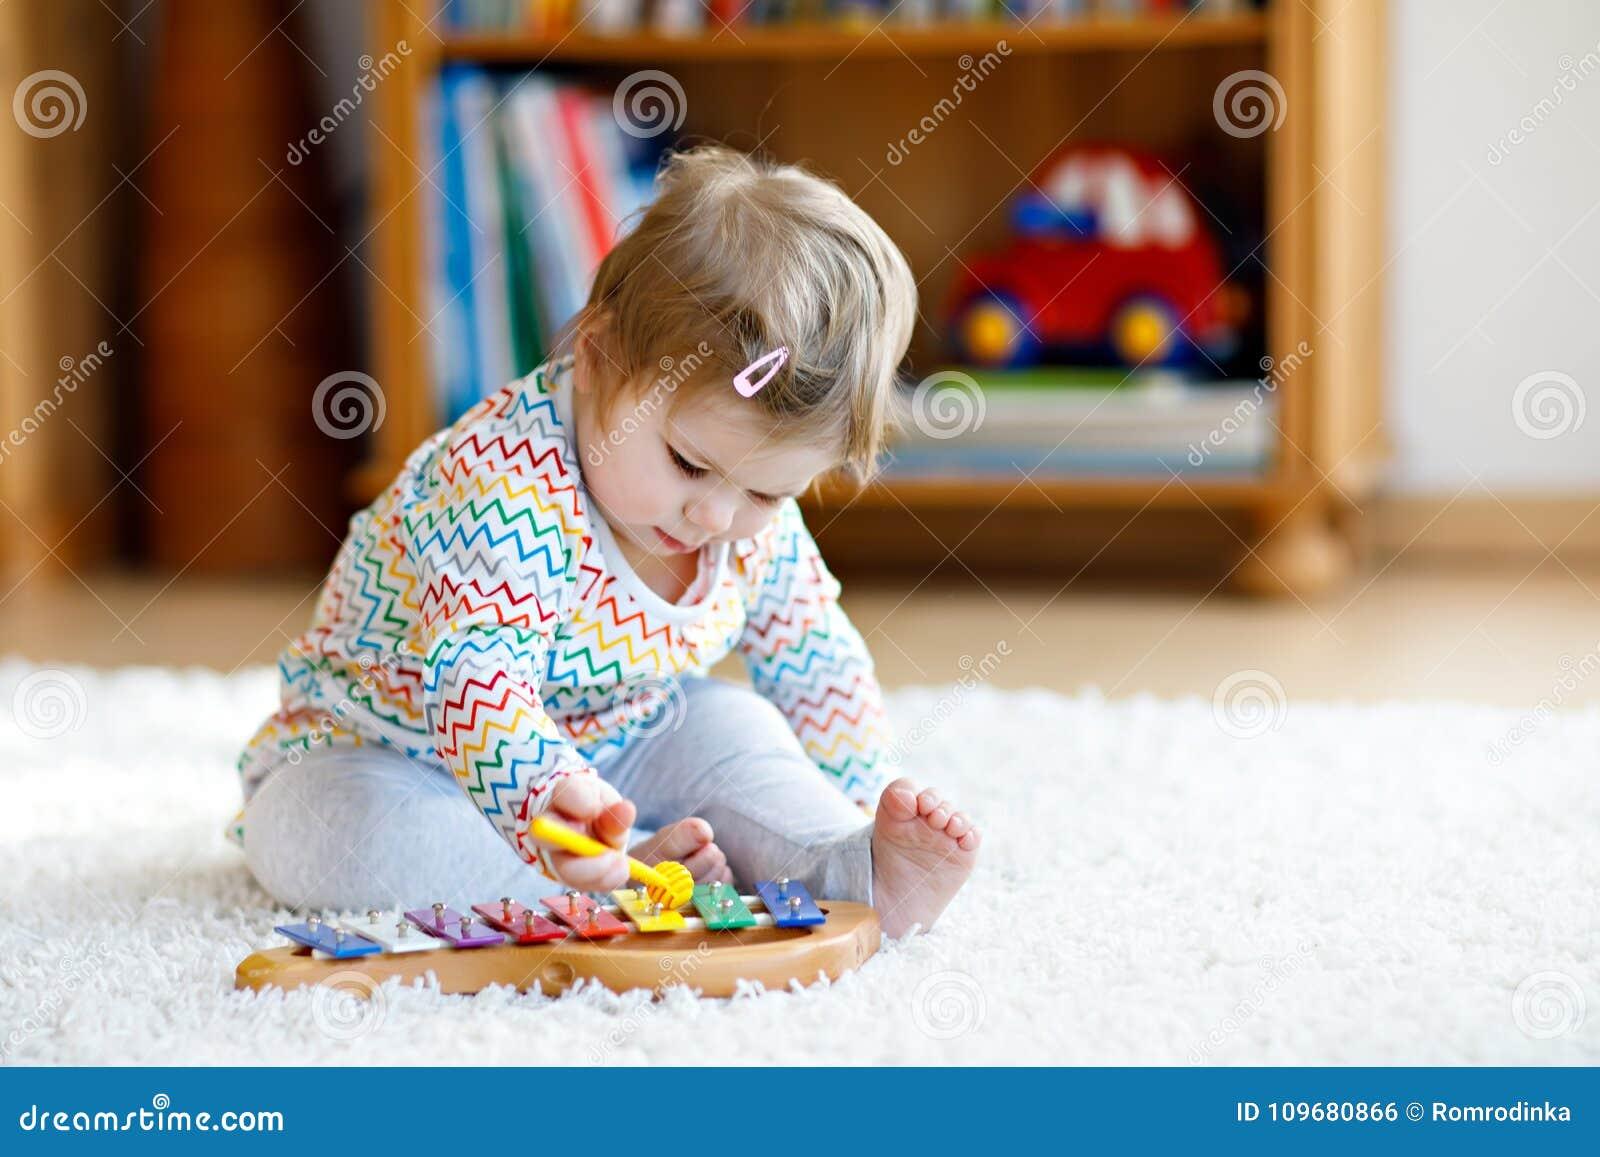 Urocza śliczna piękna mała dziewczynka bawić się z edukacyjną drewnianą muzyką bawi się w domu lub pepiniera Berbeć z